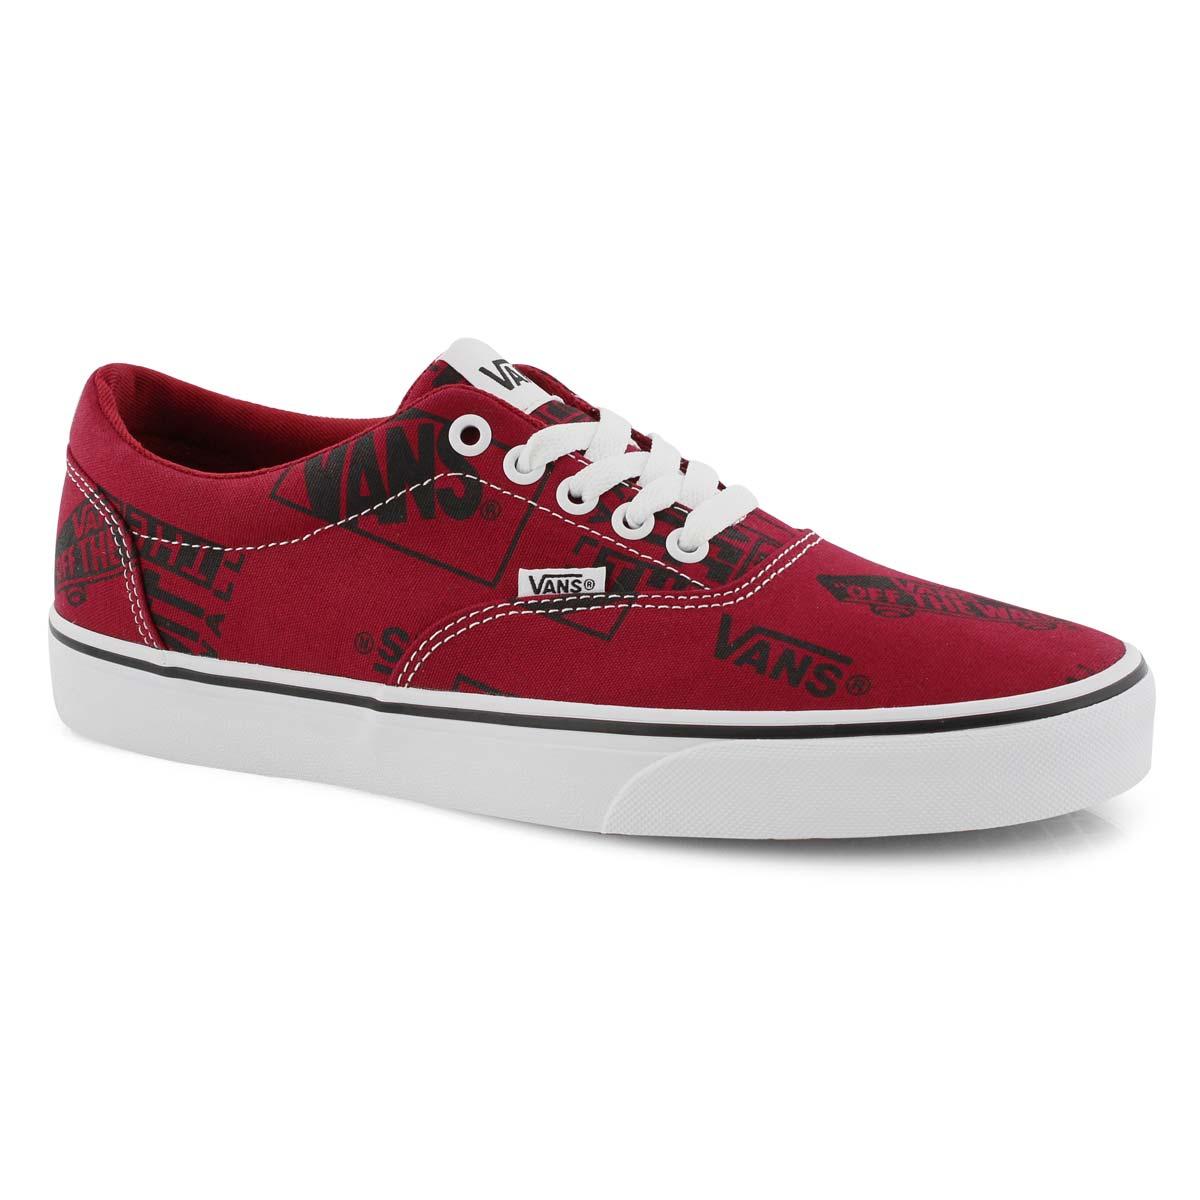 7f540681e9af9 Vans Men s DOHENY red logo mix lace up sneake